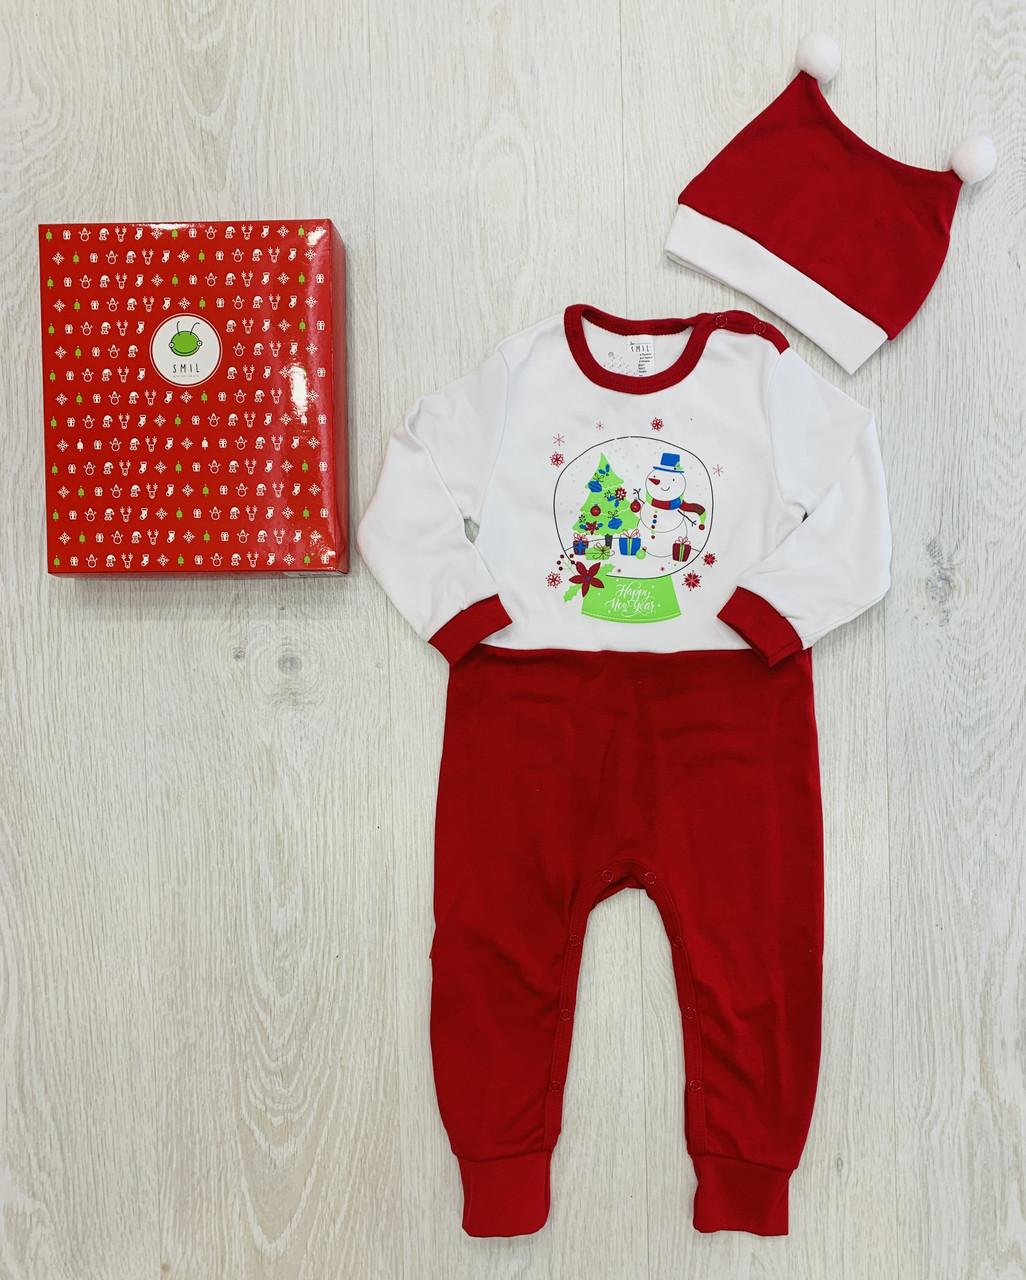 Комплект новогодний детский, в подарочной коробке, Smil, арт 109975